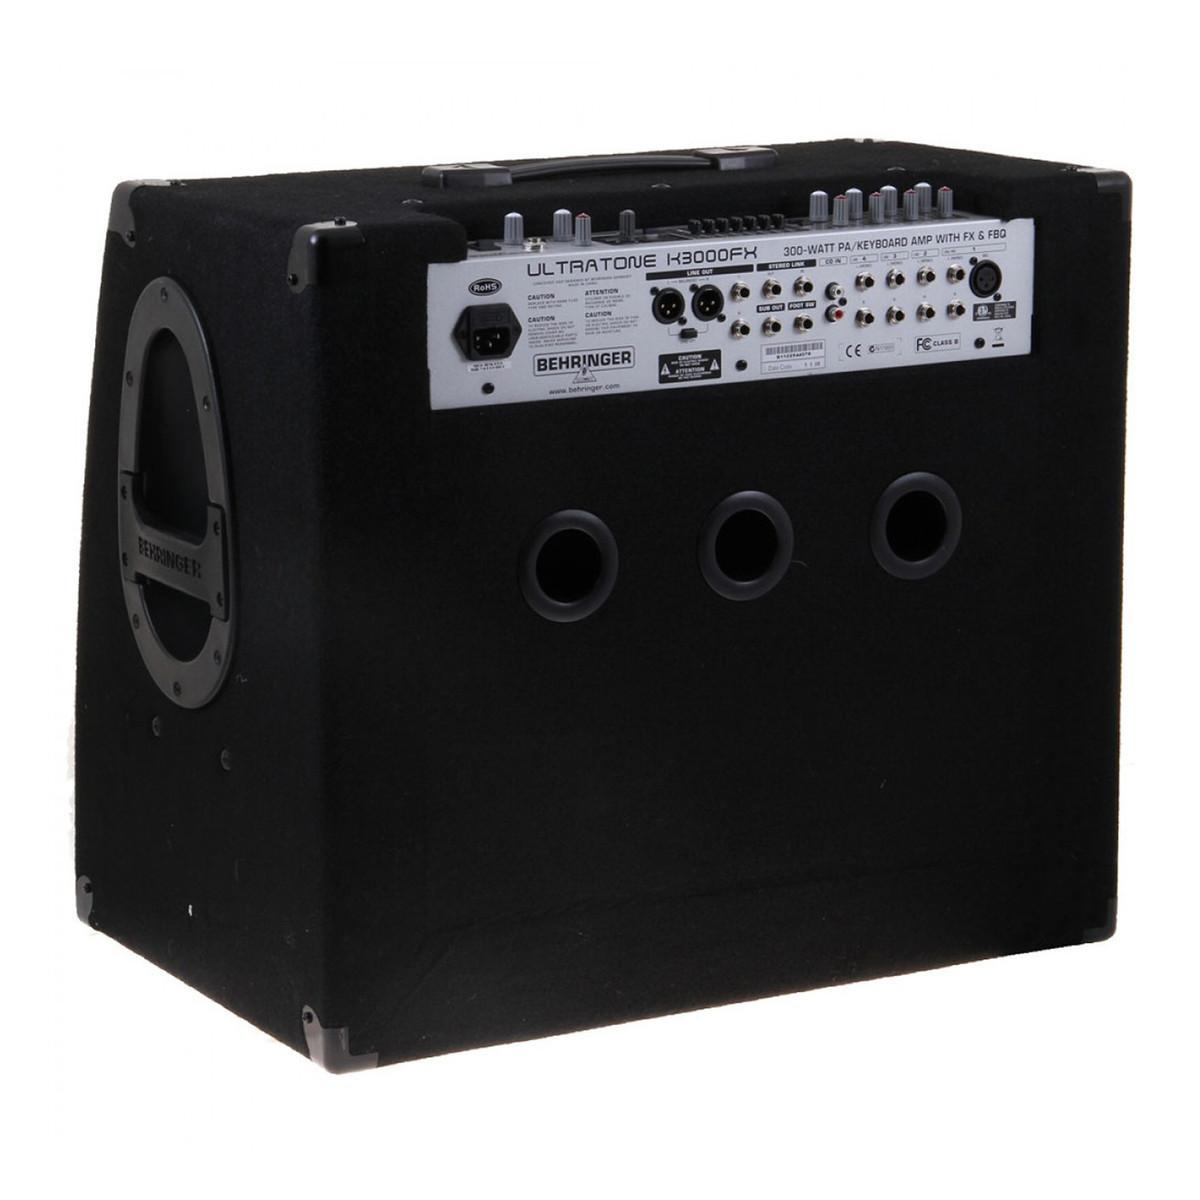 behringer k3000fx ultratone keyboard amp ex demo at. Black Bedroom Furniture Sets. Home Design Ideas